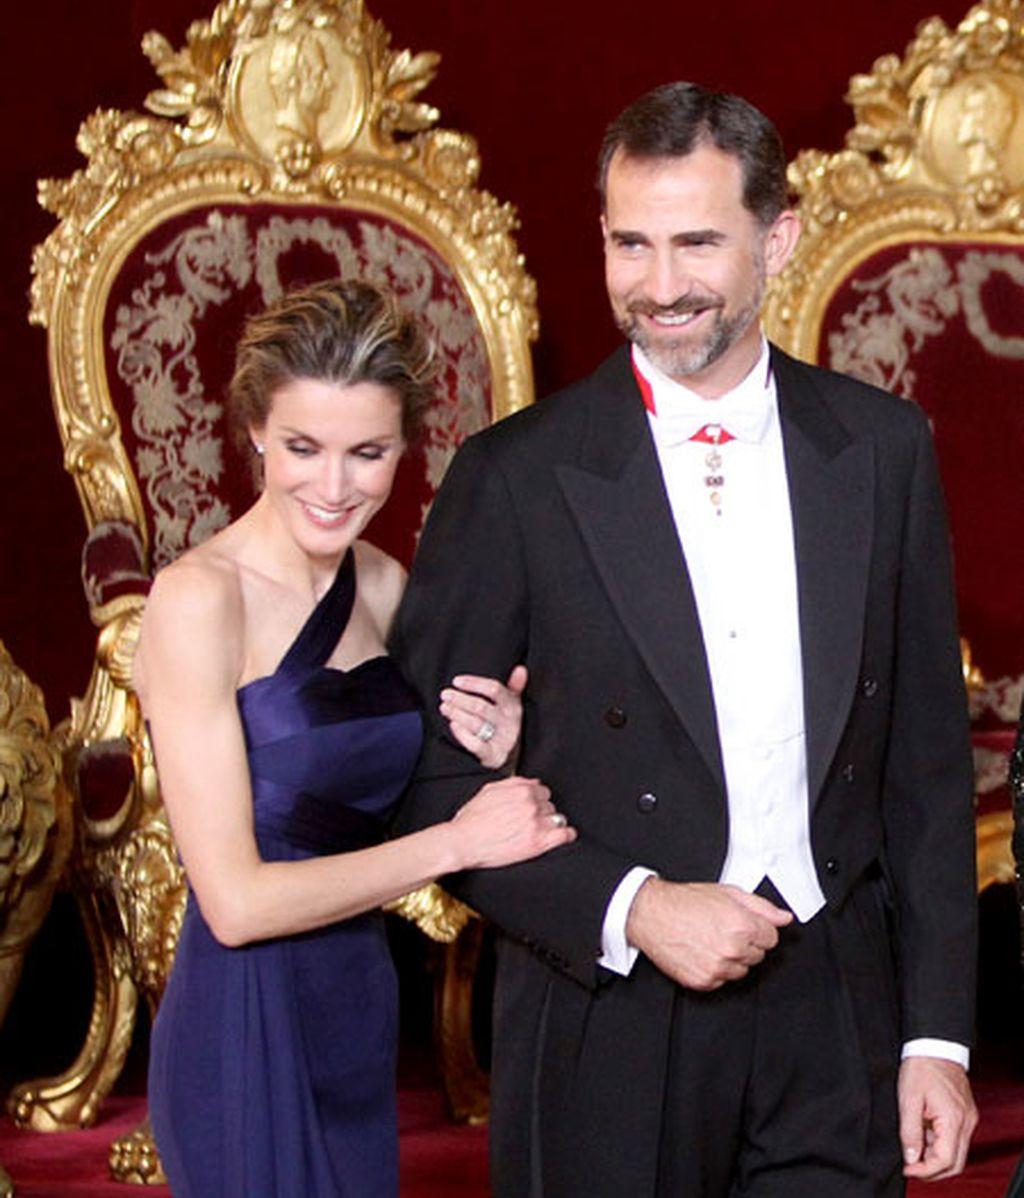 Noche de gala en el Palacio Real